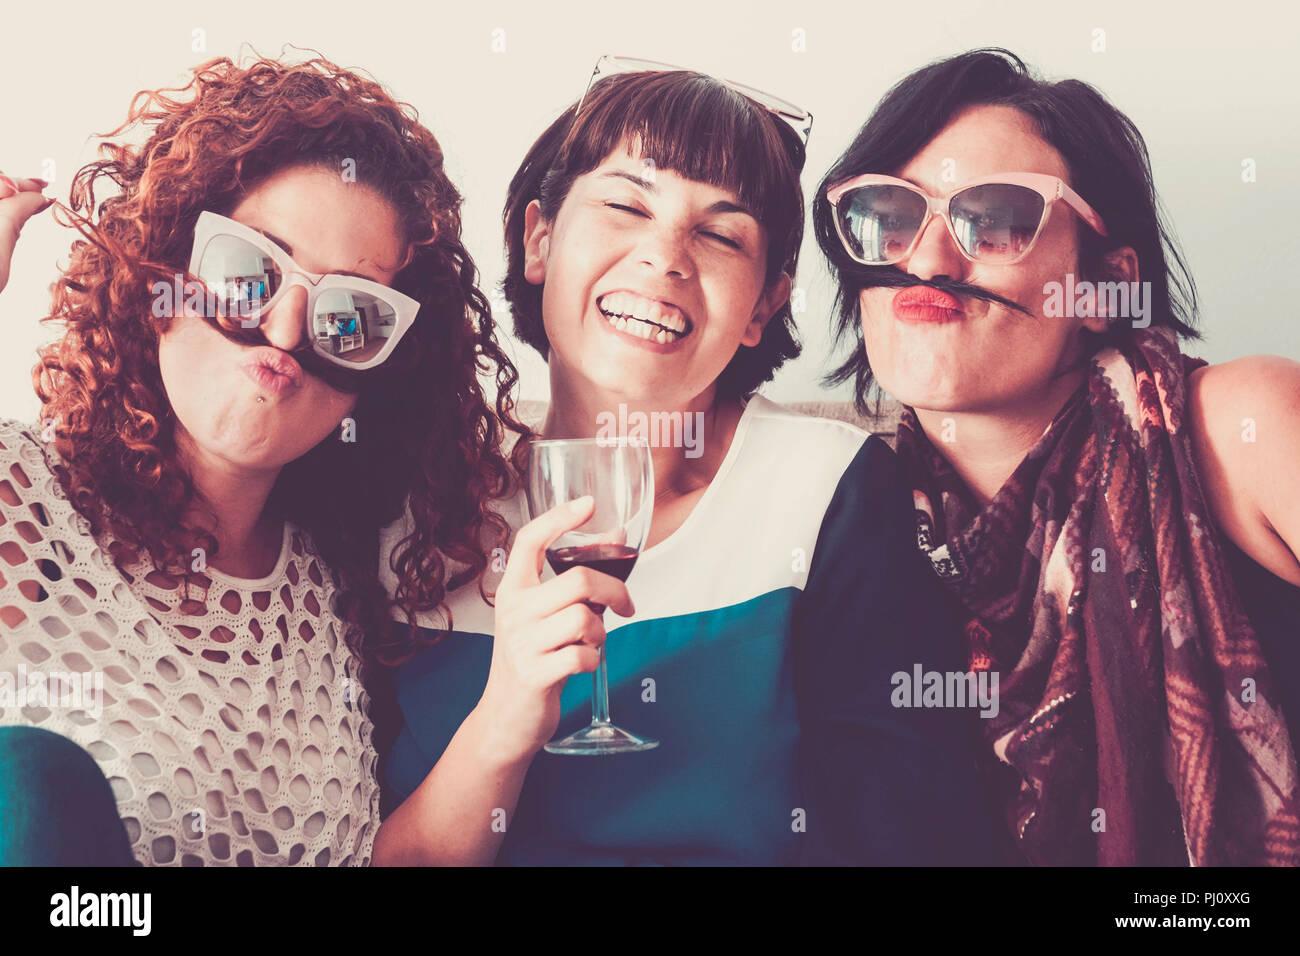 Tres mujeres caucásicas amigos permanecer juntos en la amistad y la locura con pelo como bigote y felicidad relación concepto. vintage pleno c Foto de stock